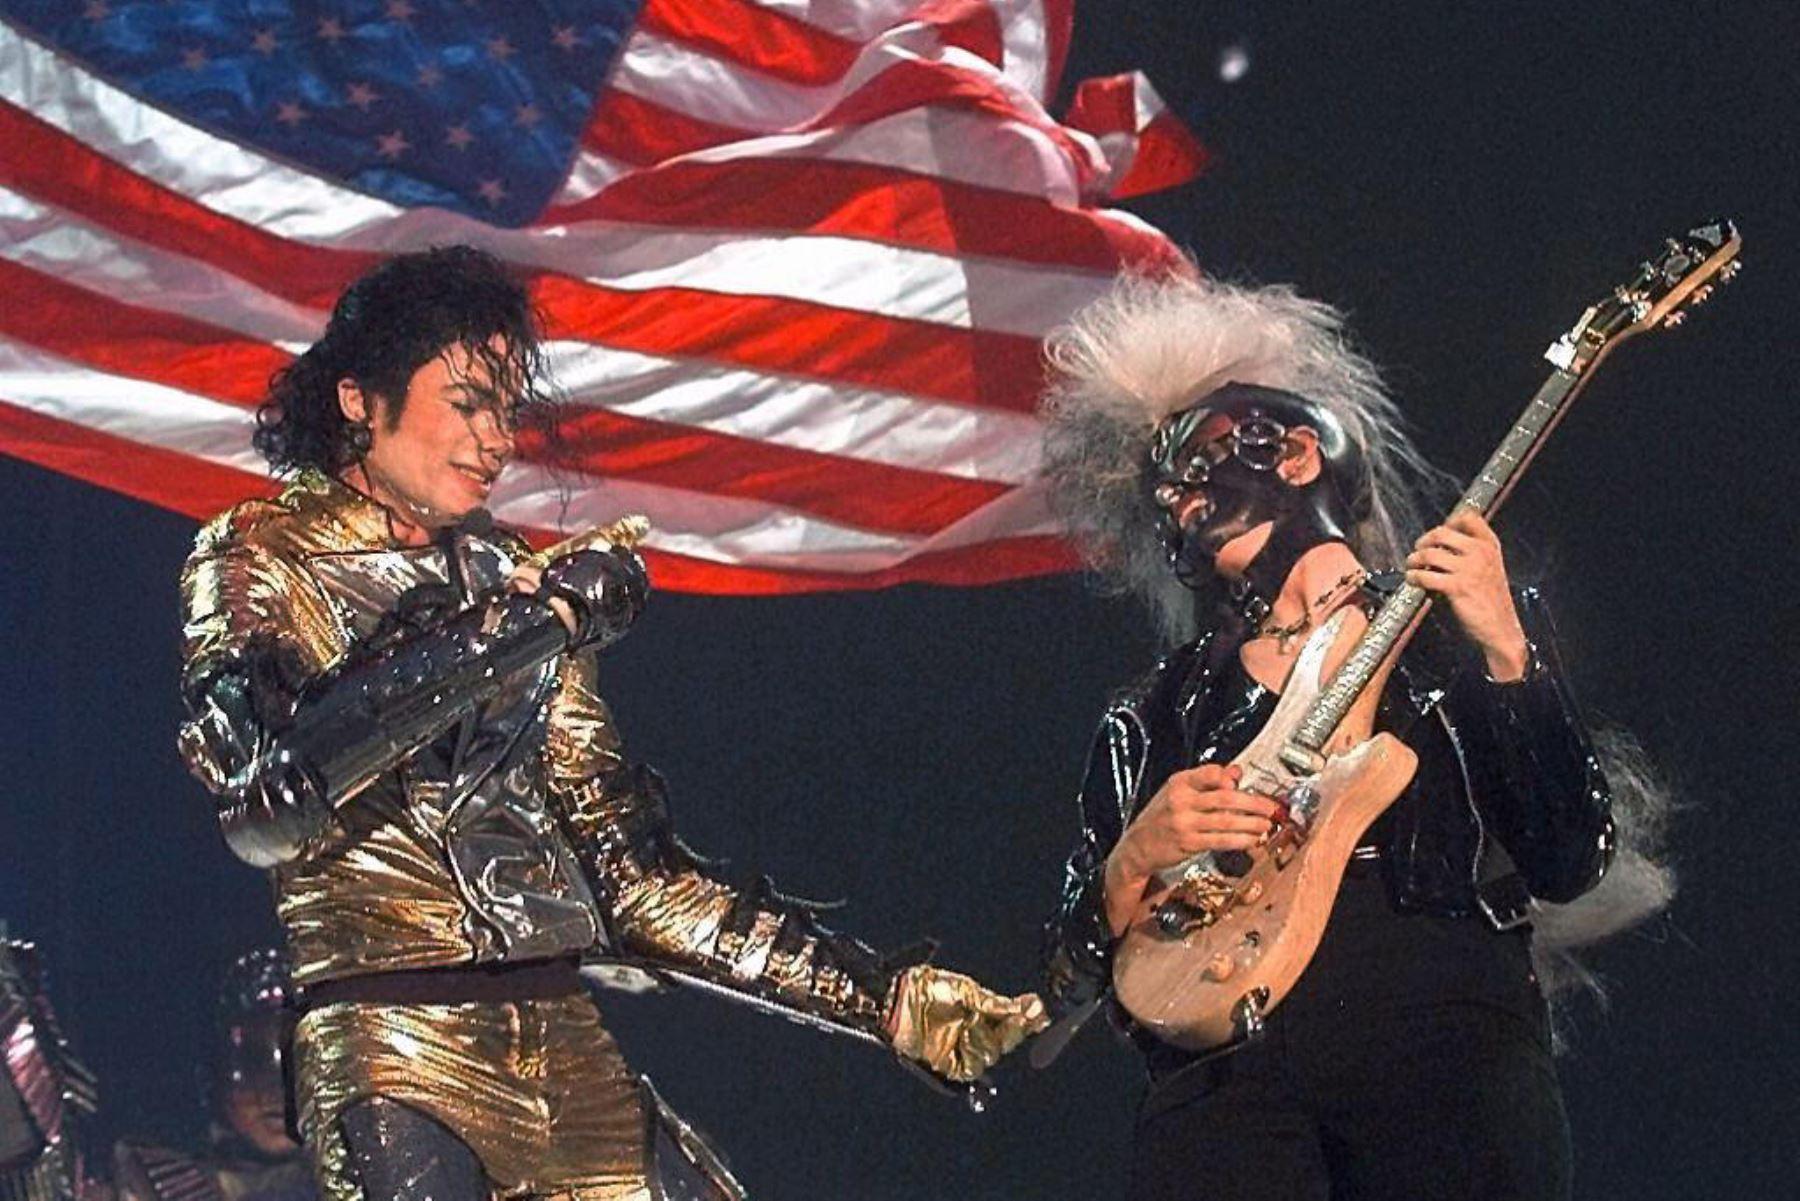 """El cantante estadounidense Michael Jackson y su guitarrista Jeannifer Batten (D) actuaron en el escenario el 25 de junio en el estadio Gerland Lyon, frente a casi 25,000 personas durante un concierto que da comienzo a su gira francesa titulada """"History World Tour II. Foto: AFP"""